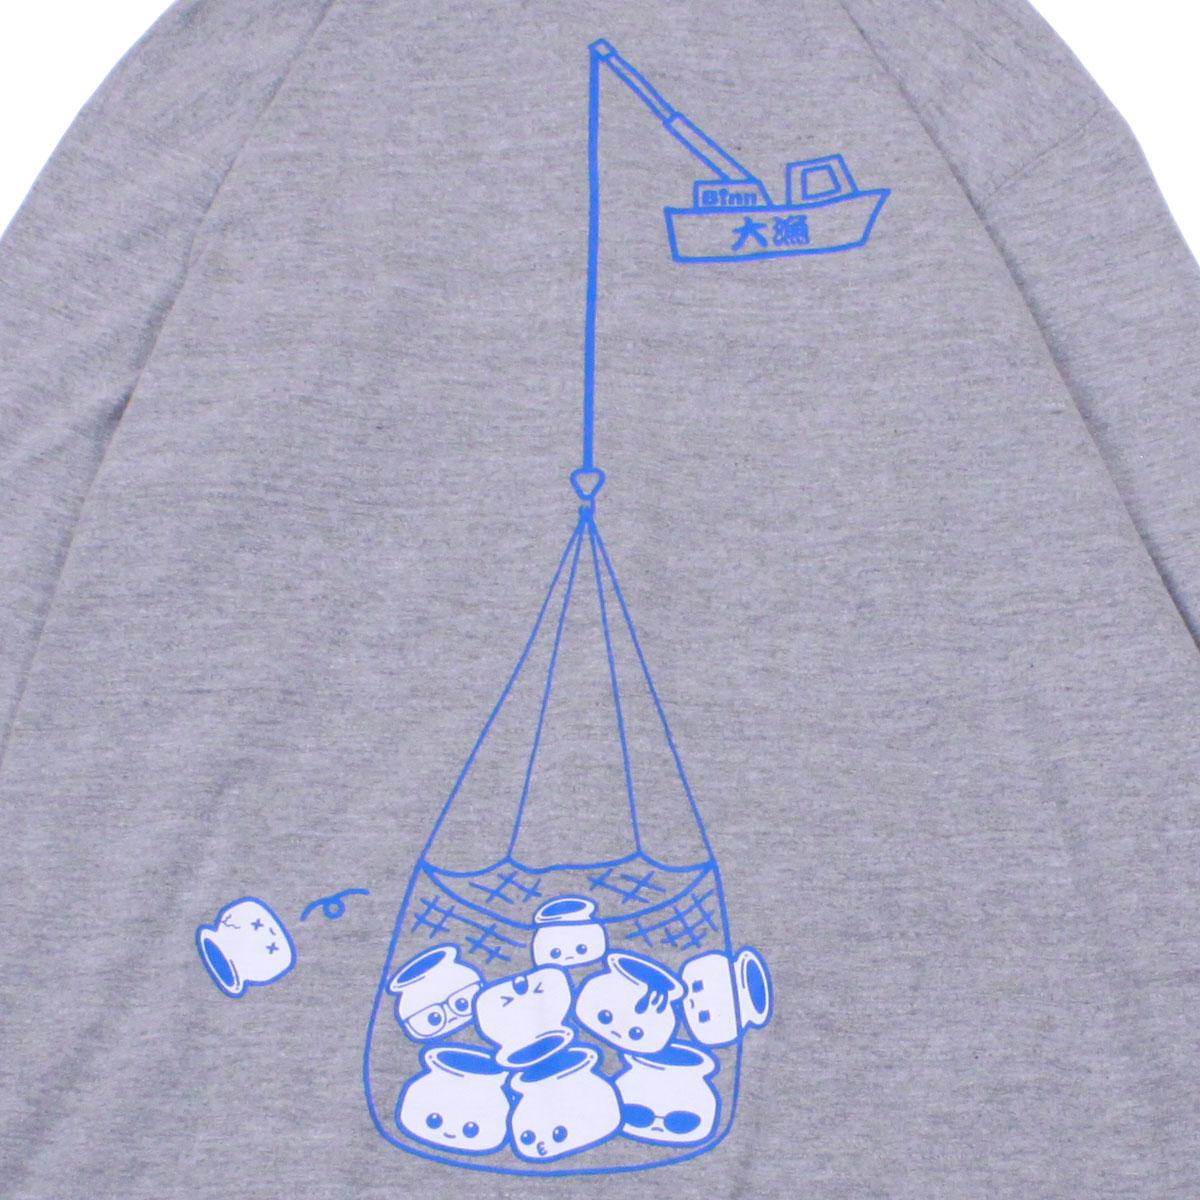 大漁 Full Zip Hoodie (HeatherGray)